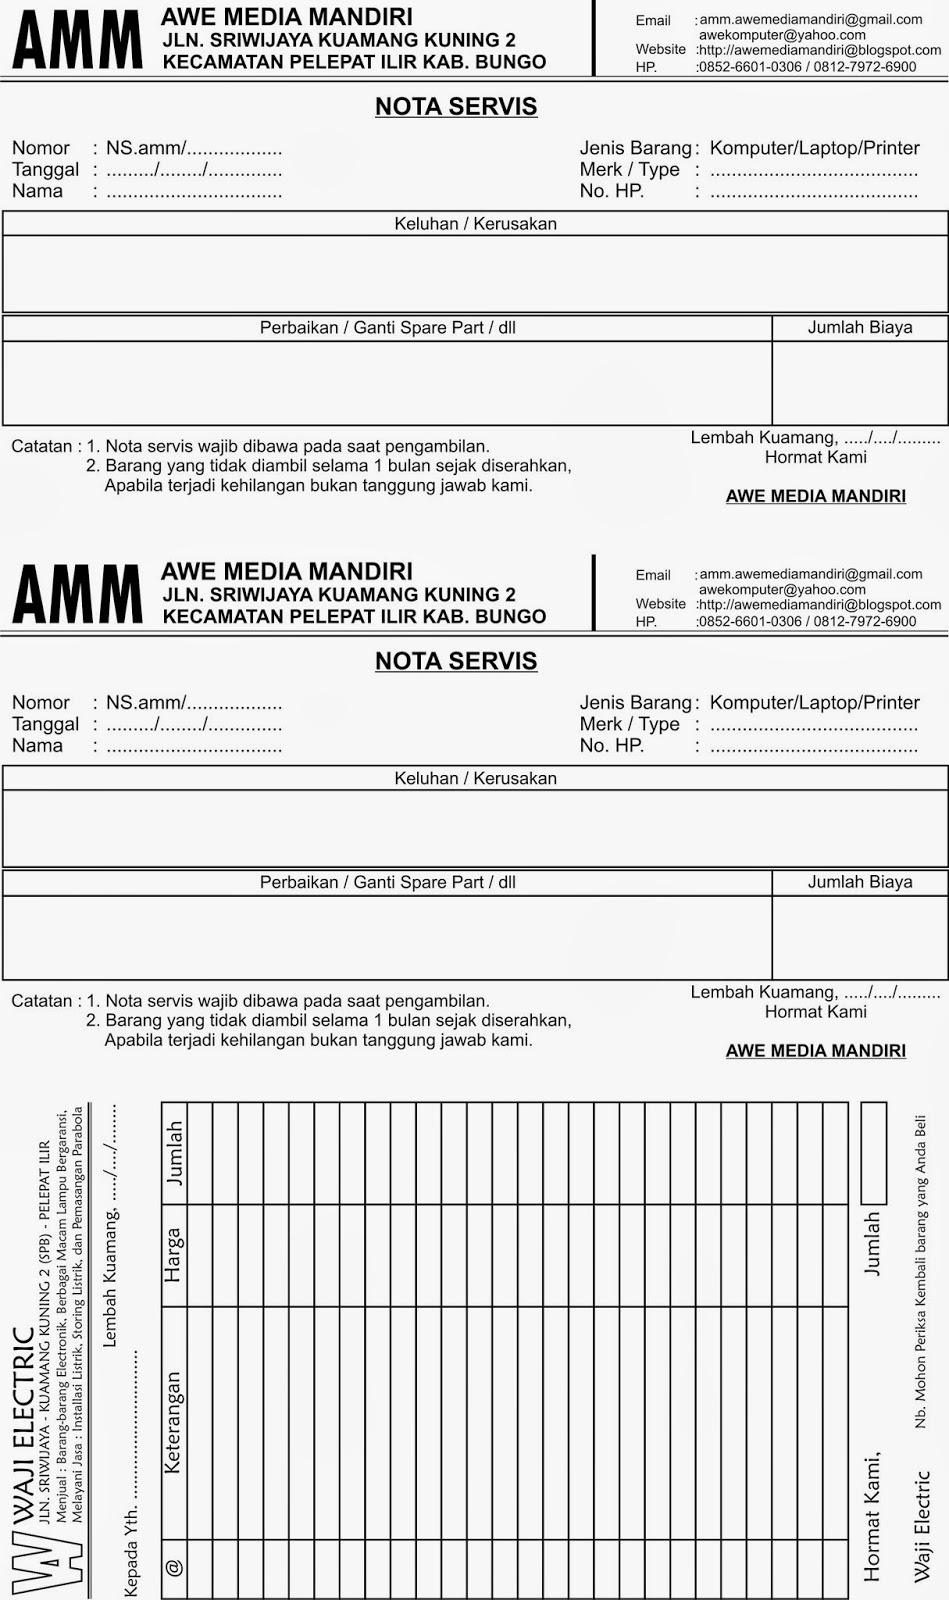 Contoh Nota Faktur Service Pengertian Faktur Dan Contohnya